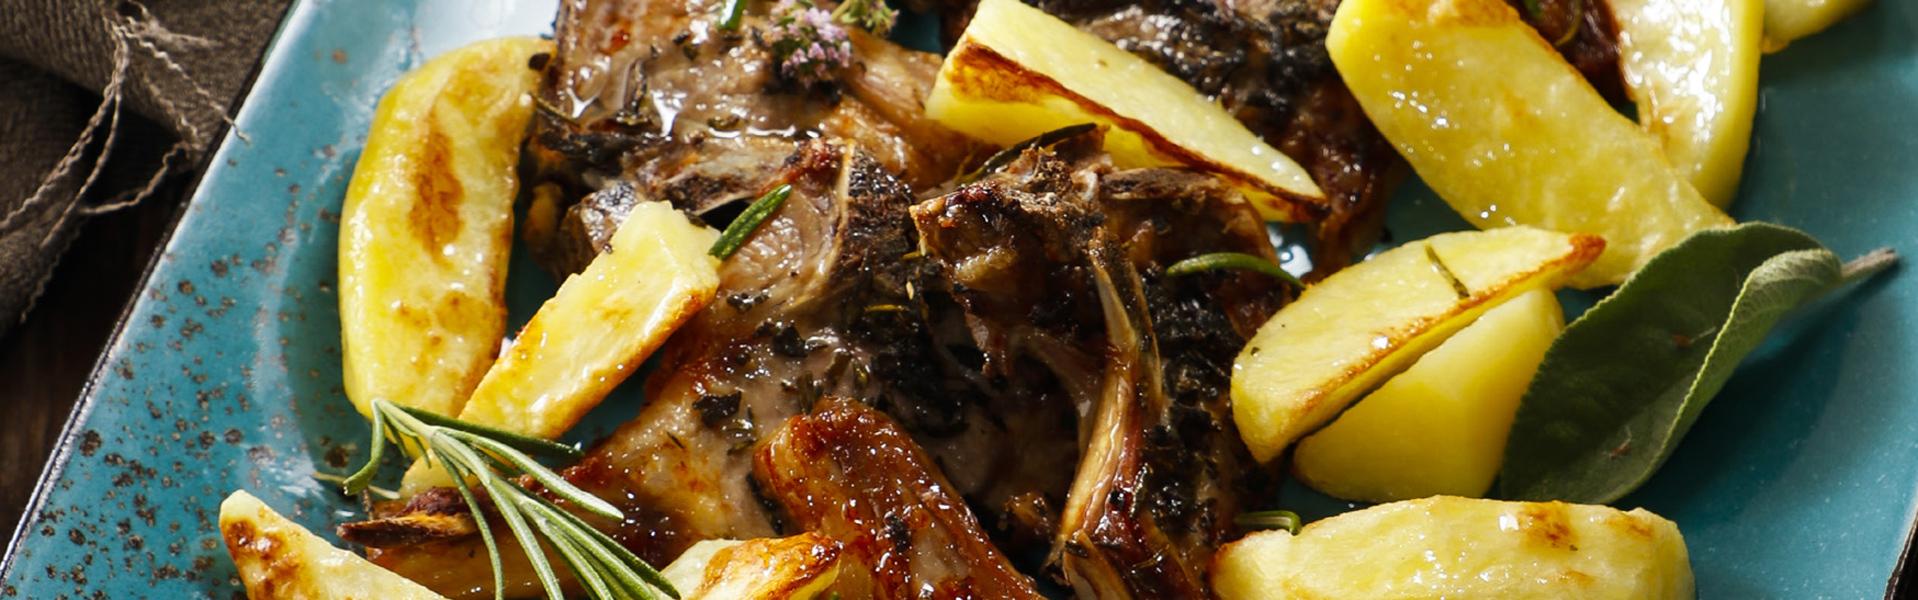 Bracioline d'agnello con patate